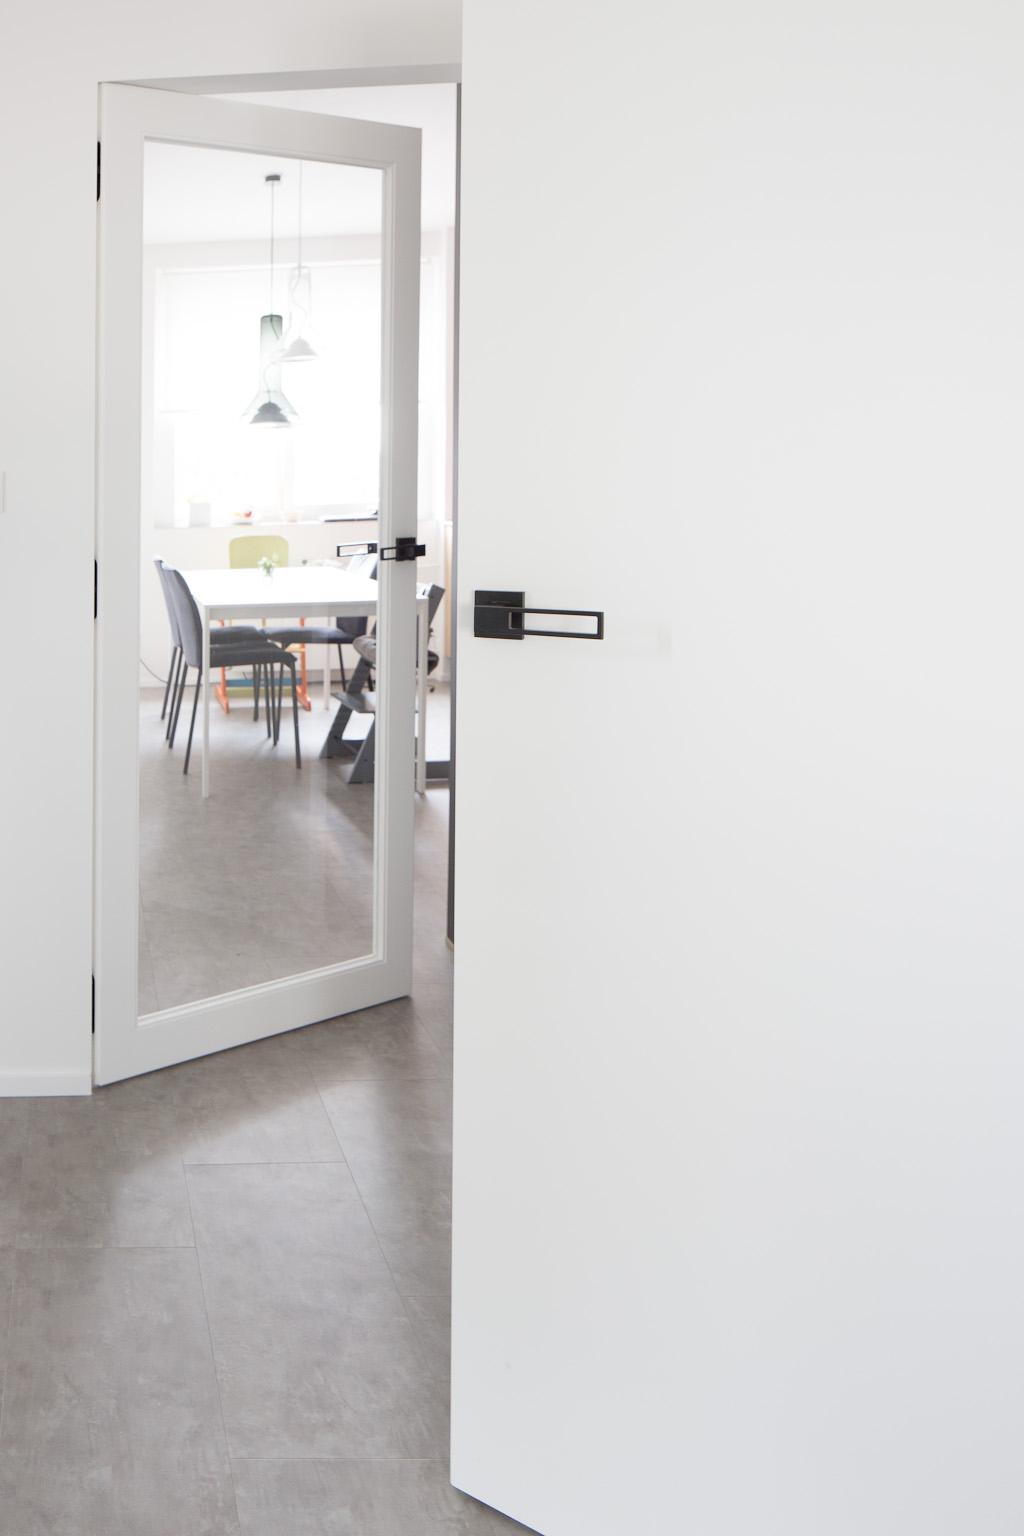 Dveře B Invisi plné a se sklem